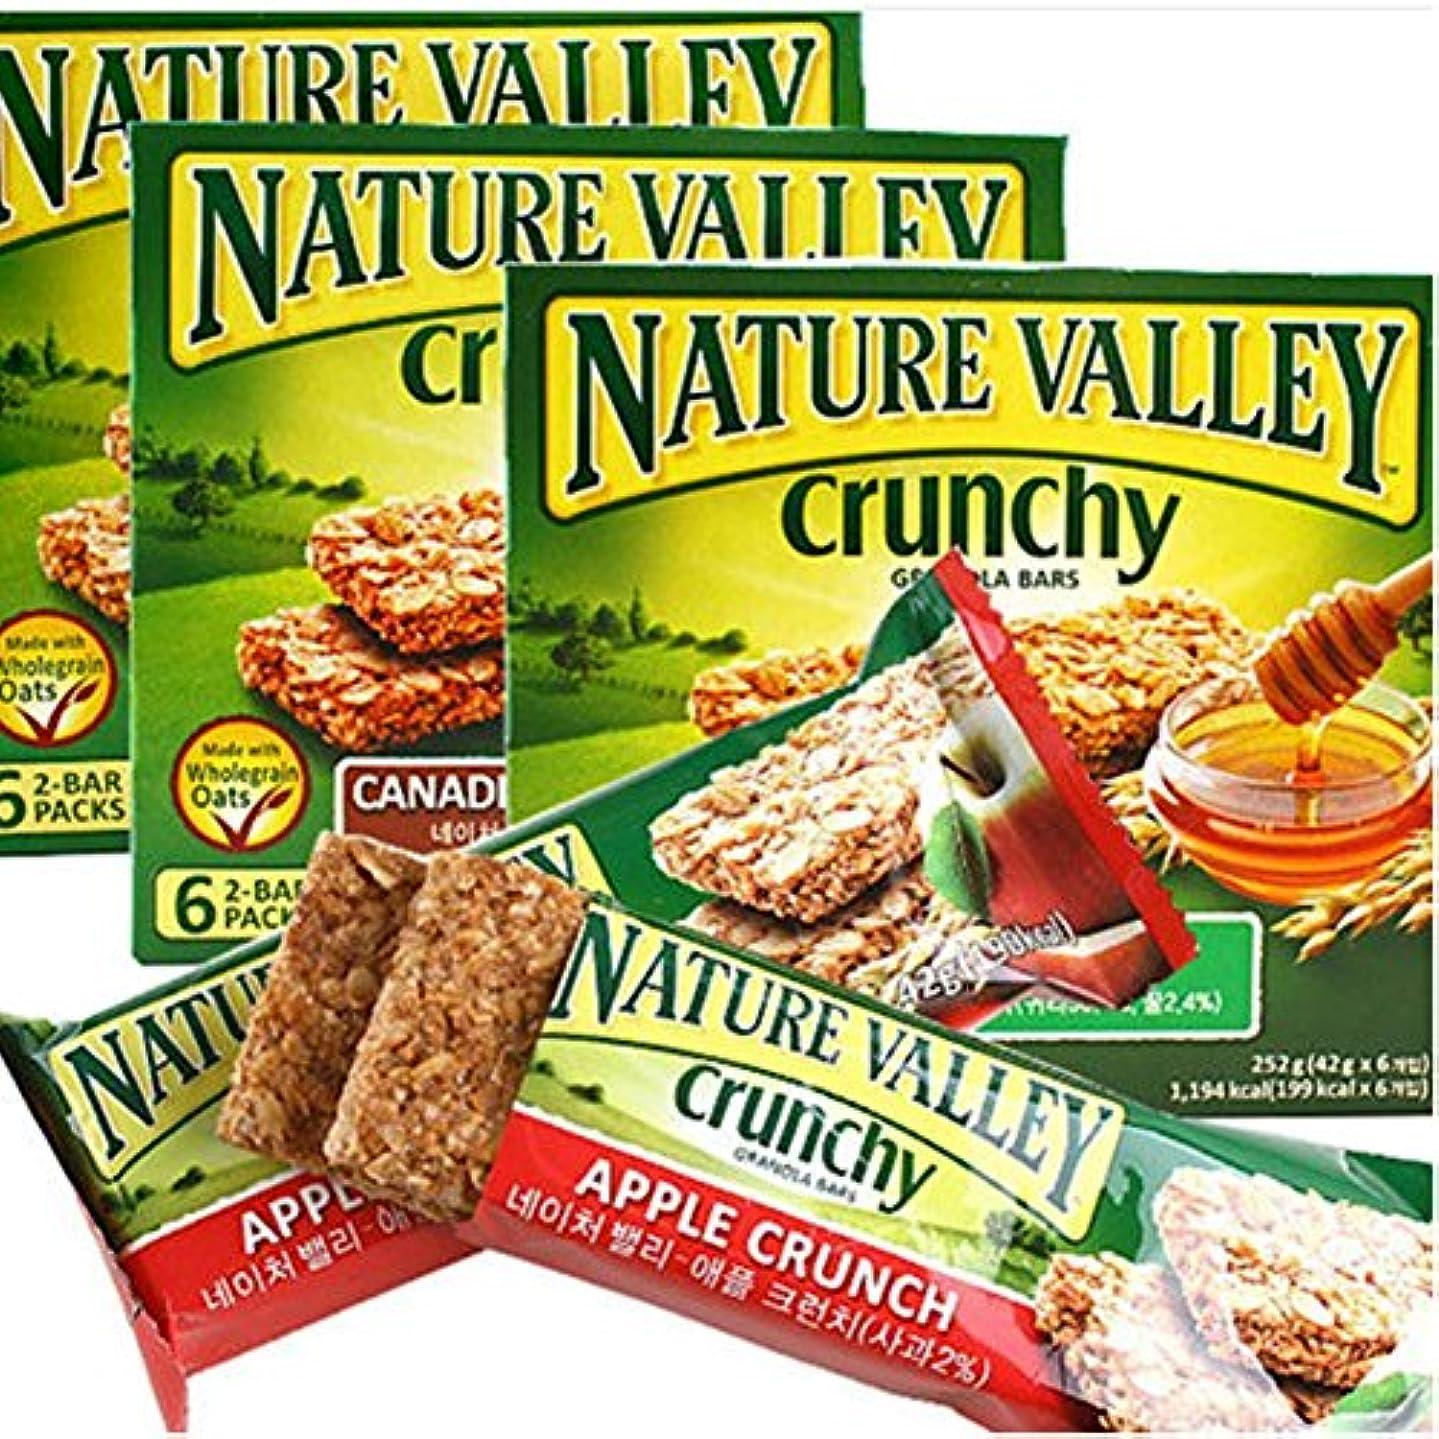 ヒールプロットシャンパン[ネイチャーバレー/Nature Valley] OATS&HONEY SYRUP/ネイチャーバレークランチグラノーラバー42g5パックx3 Box - 大津?アンド?ハニーシロップ(合計15袋)穀物バー/シリアル/栄養のバー[健康&ダイエット製品](海外直送品)